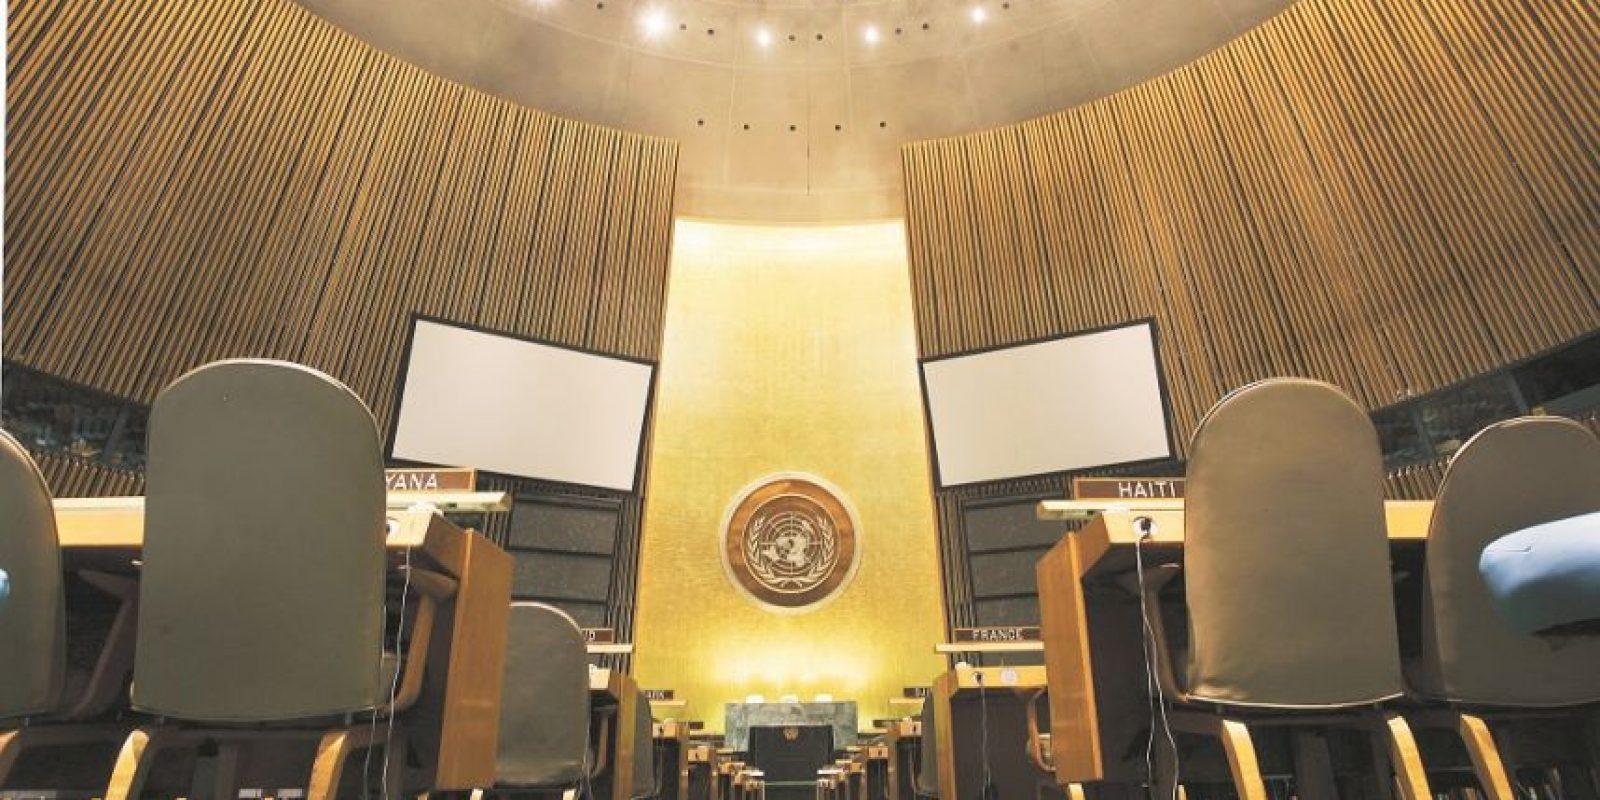 Una de cinco mujeres podrían suceder a Ban Ki-Moon como Secretario General. Foto:GETTY